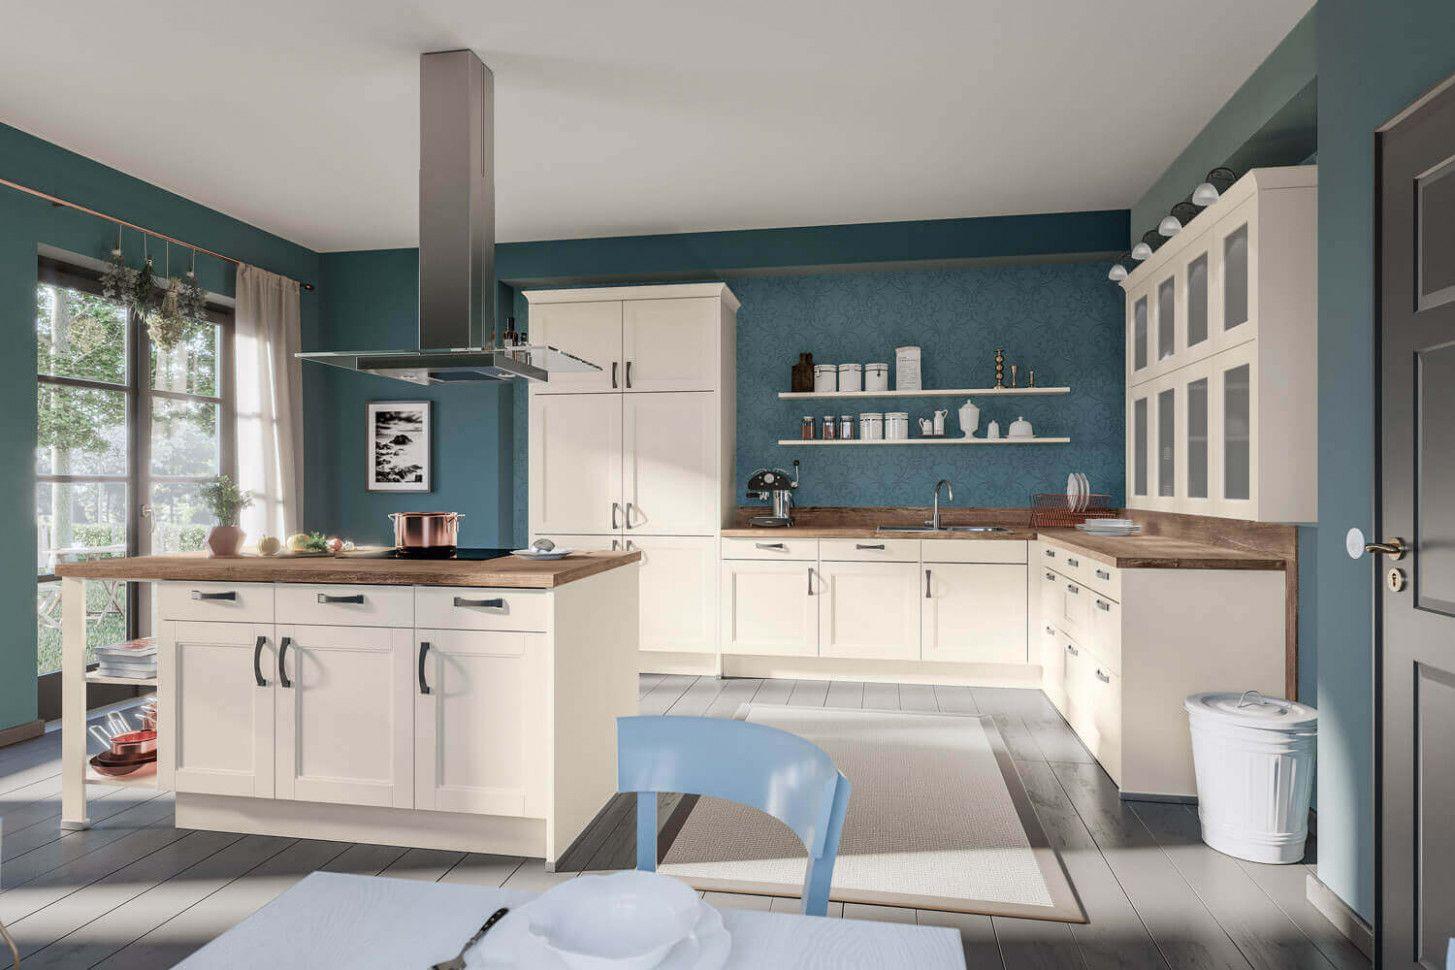 14 Graue Strukturen In Der Küche